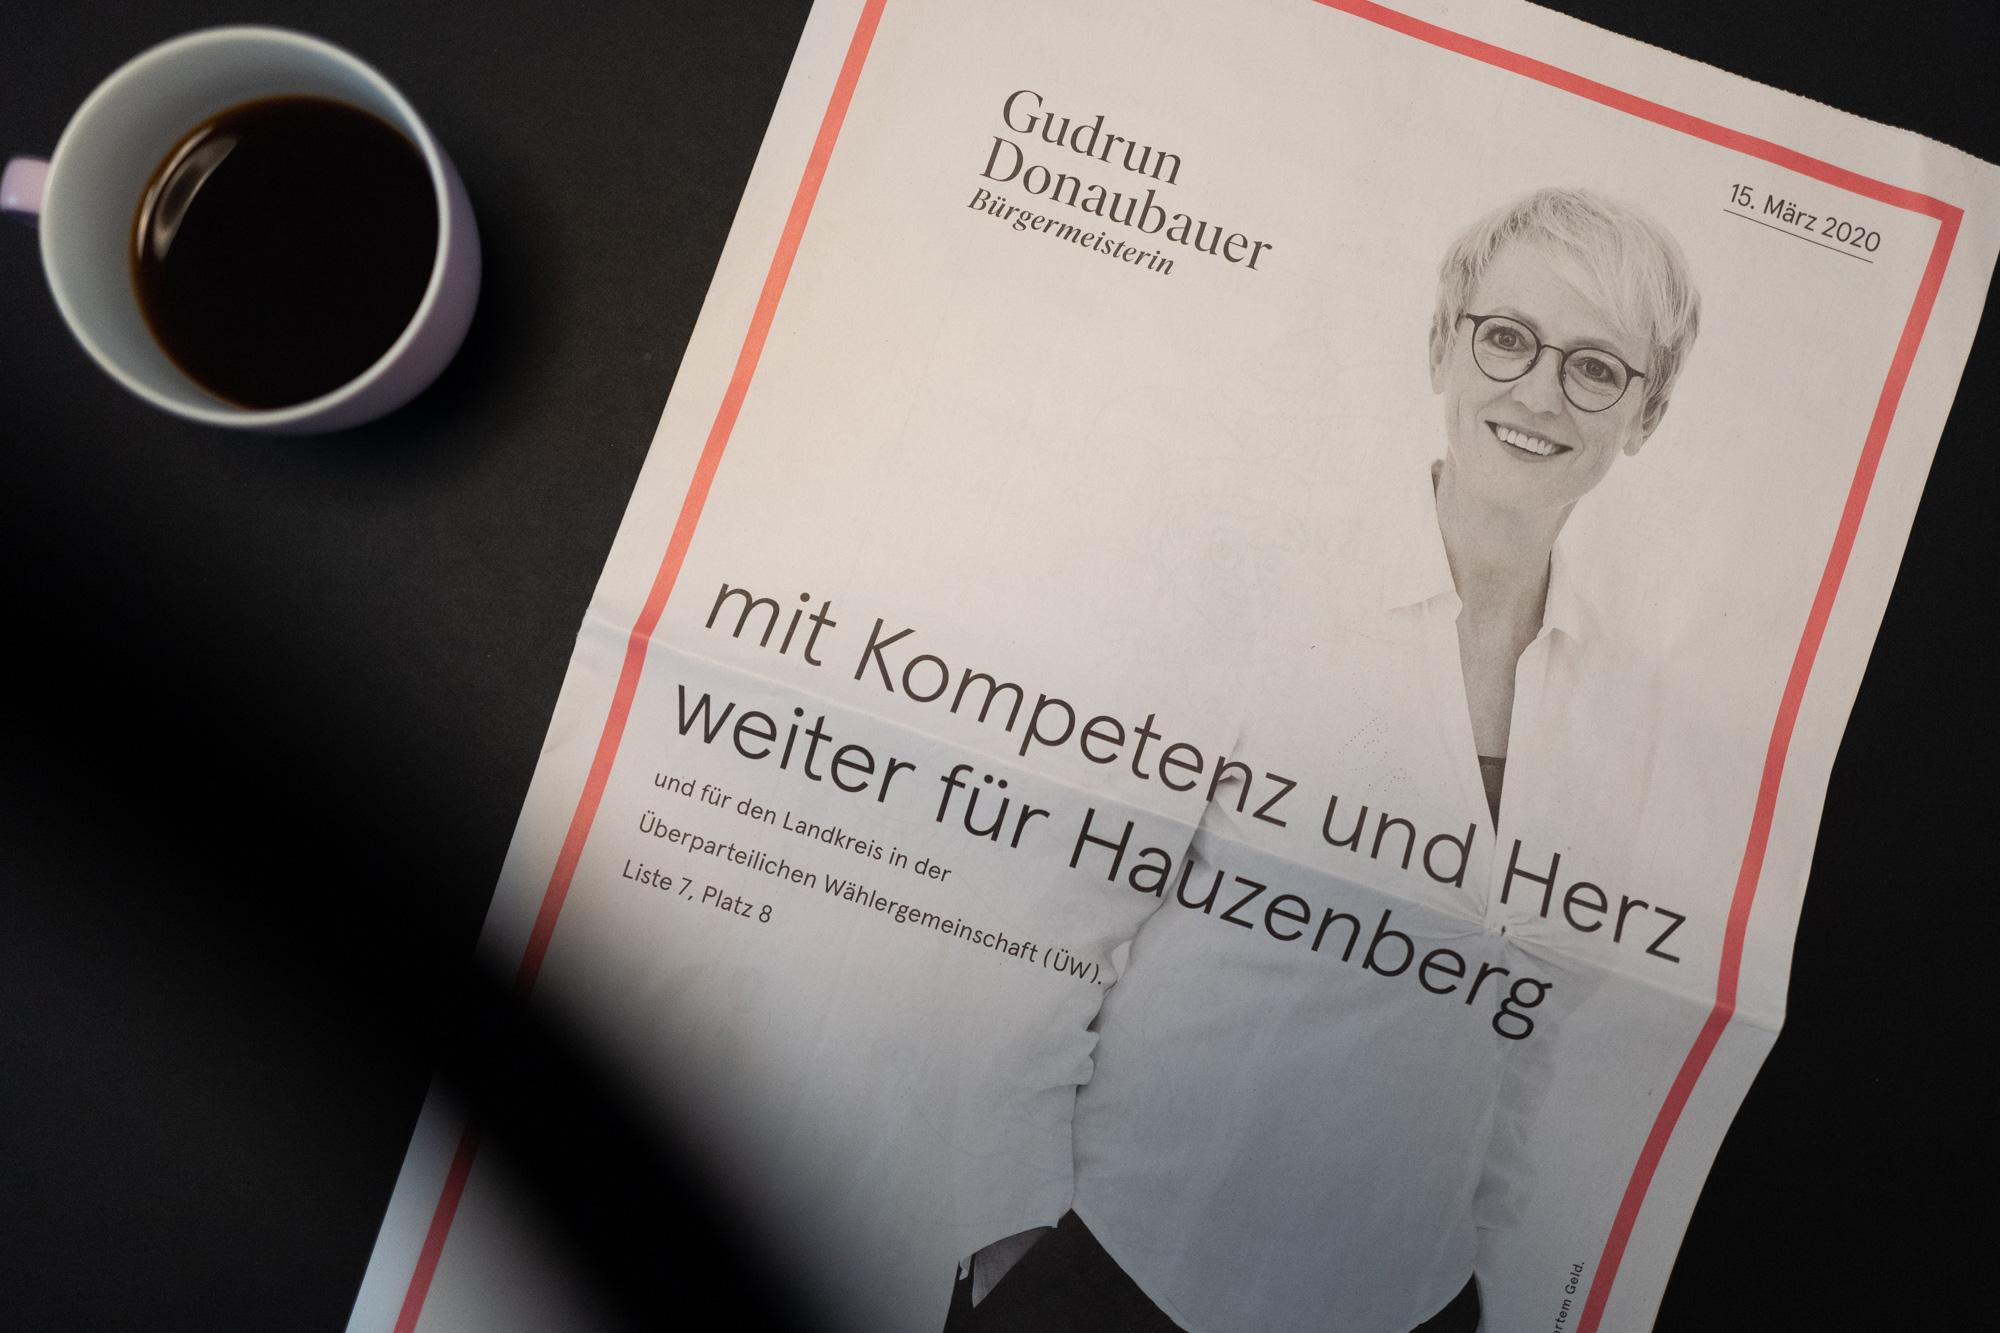 Gudrun Donaubauer Wahlzeitung